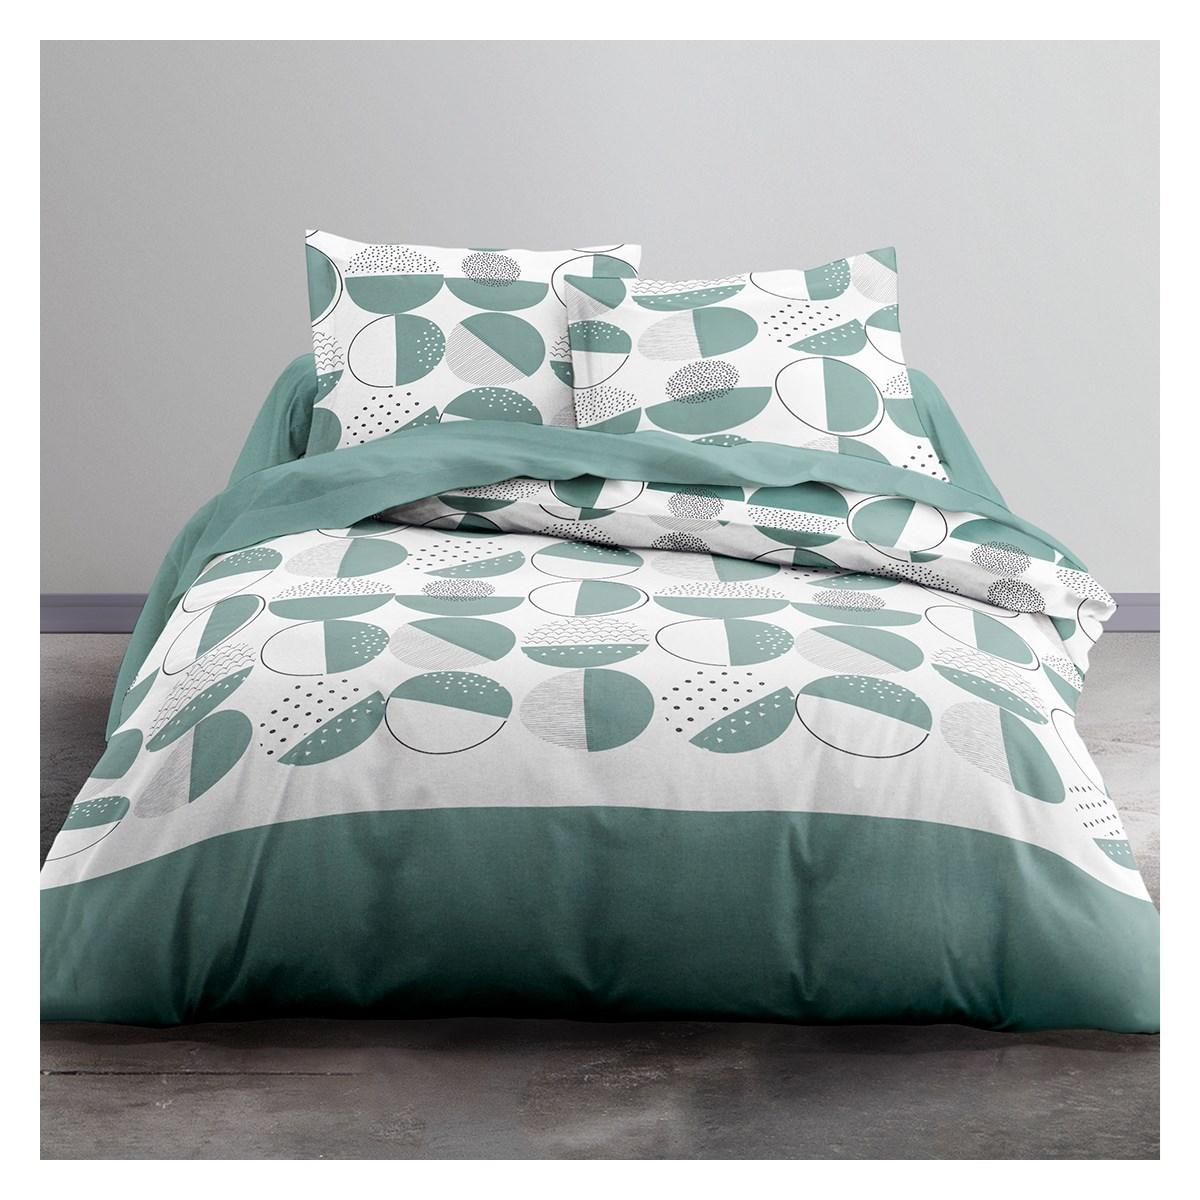 Parure de lit 2 personnes imprimé en Polyester Vert 220x240 cm